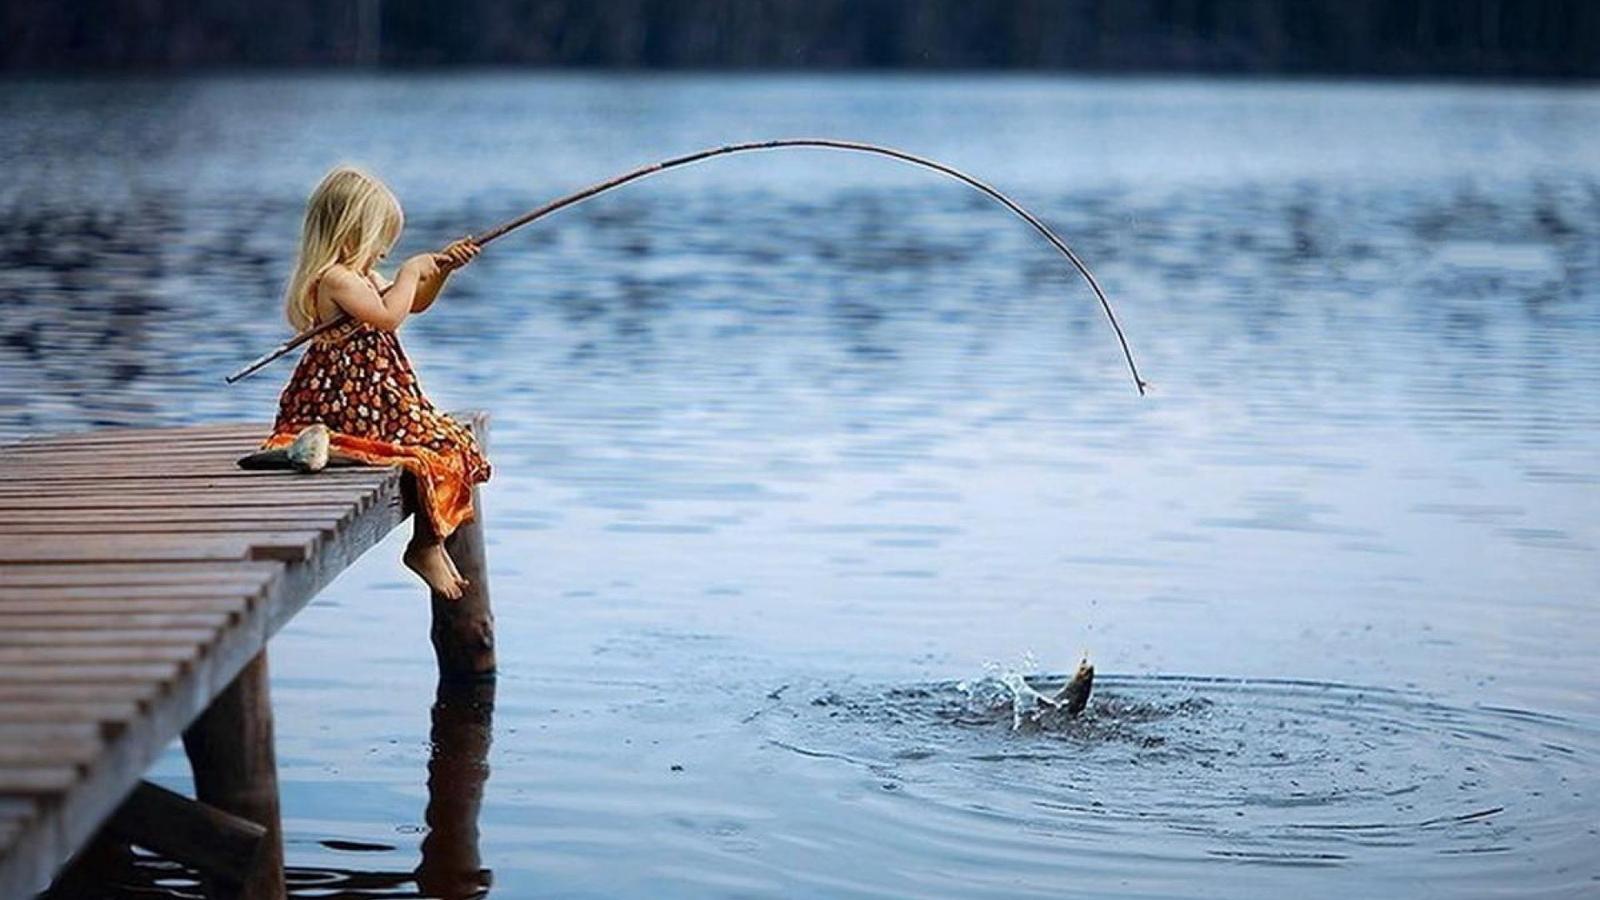 Сонник ловить рыбу. к чему снится ловить рыбу видеть во сне - сонник дома солнца